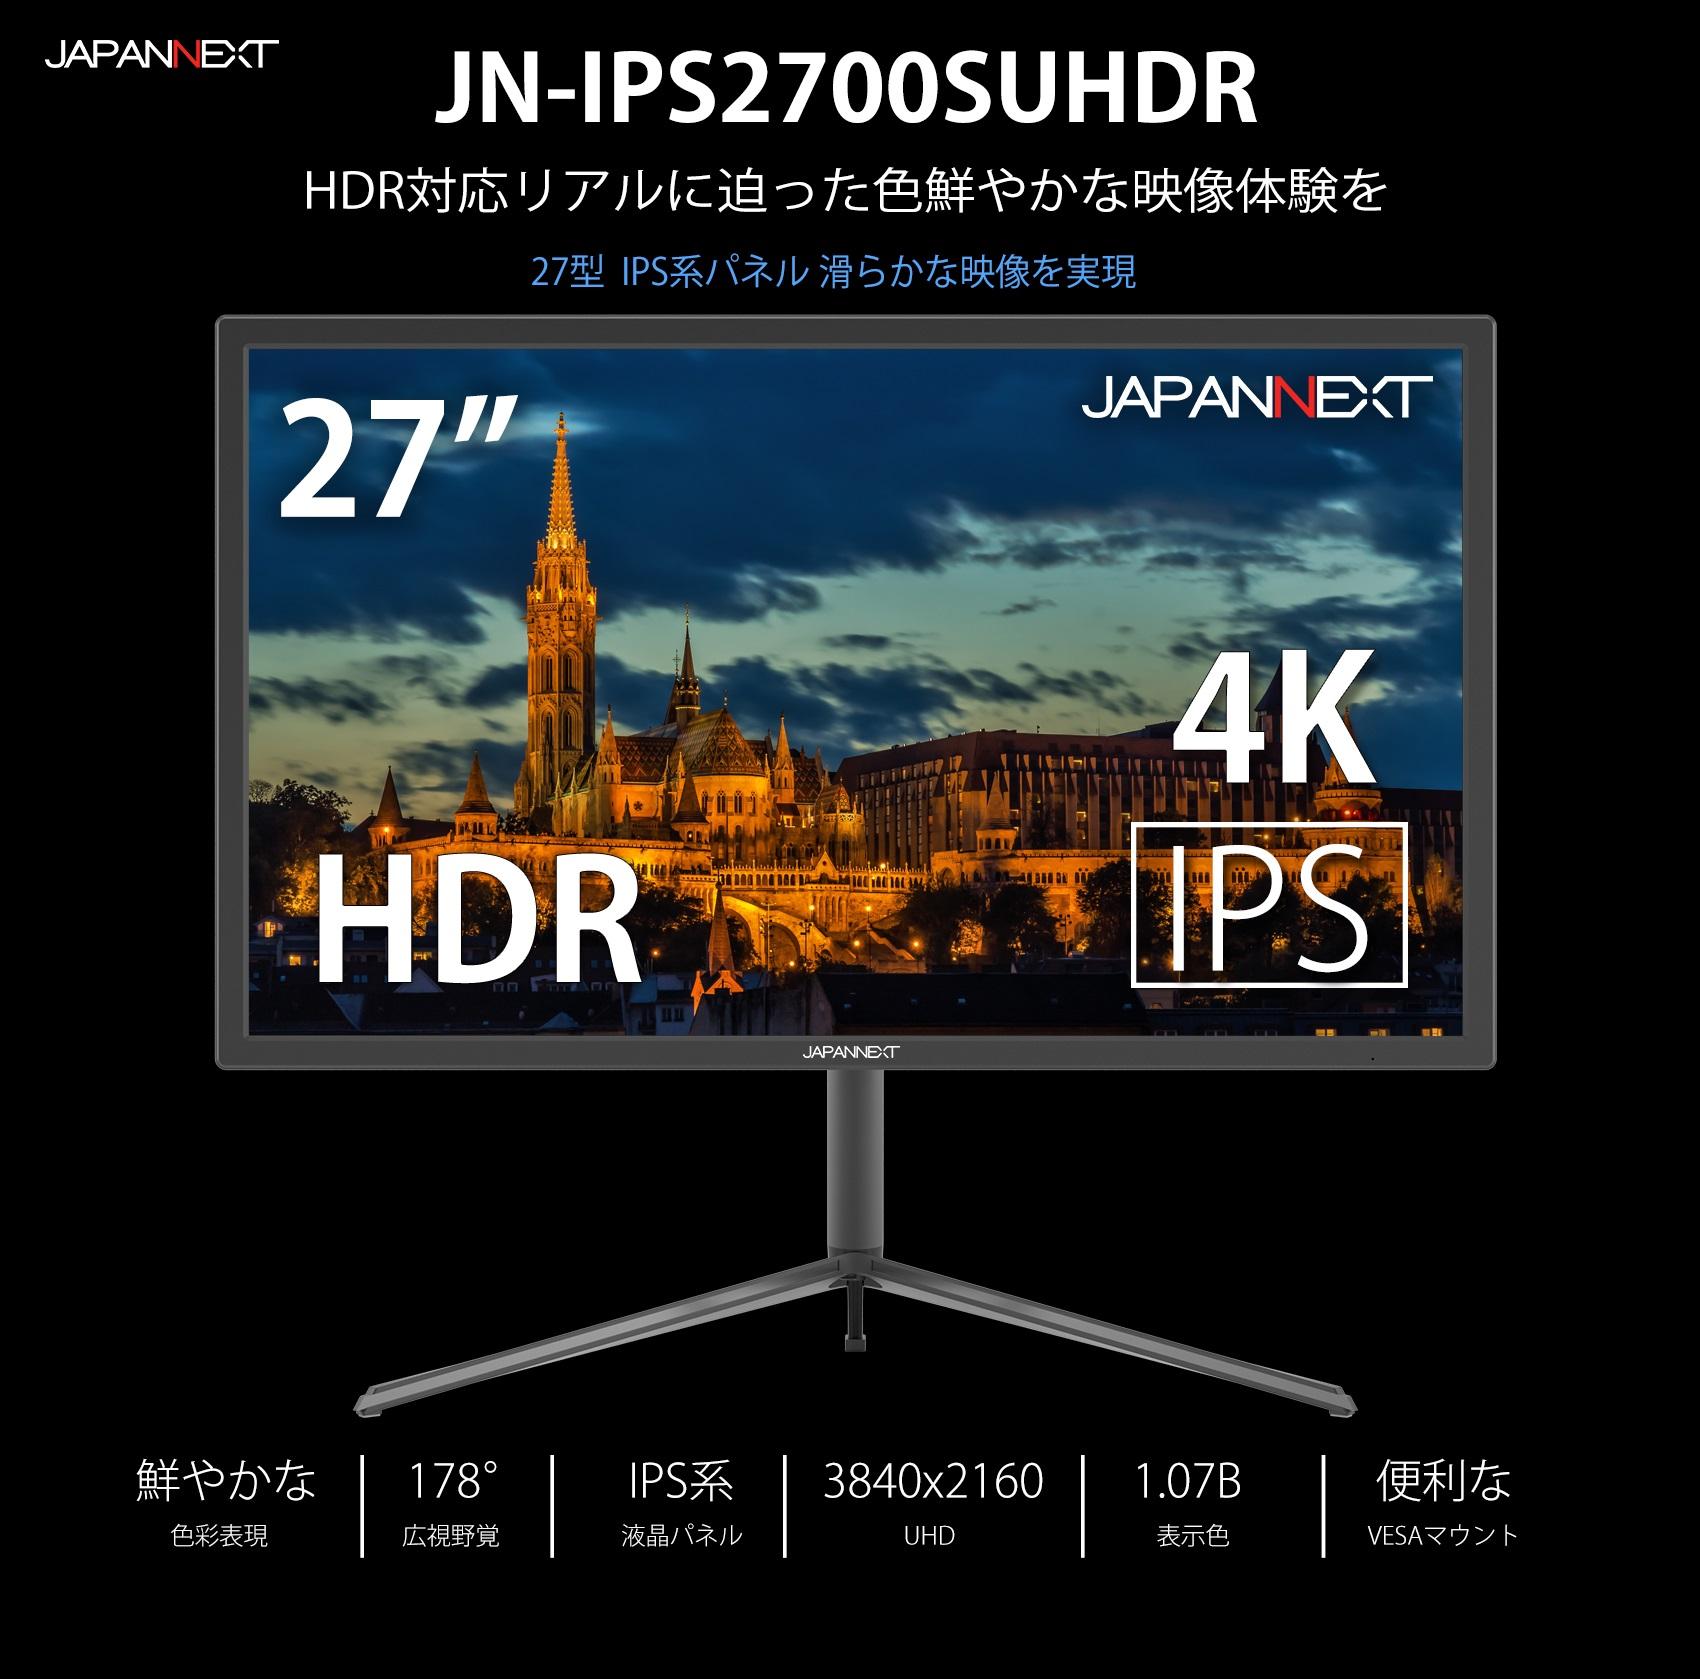 鮮やかな 色彩表現 178°広視野角 IPS 液晶パネル 3840x2160 4K UHD解像度 1.07Billion 色パネル搭載 srgb 100%対応パネル